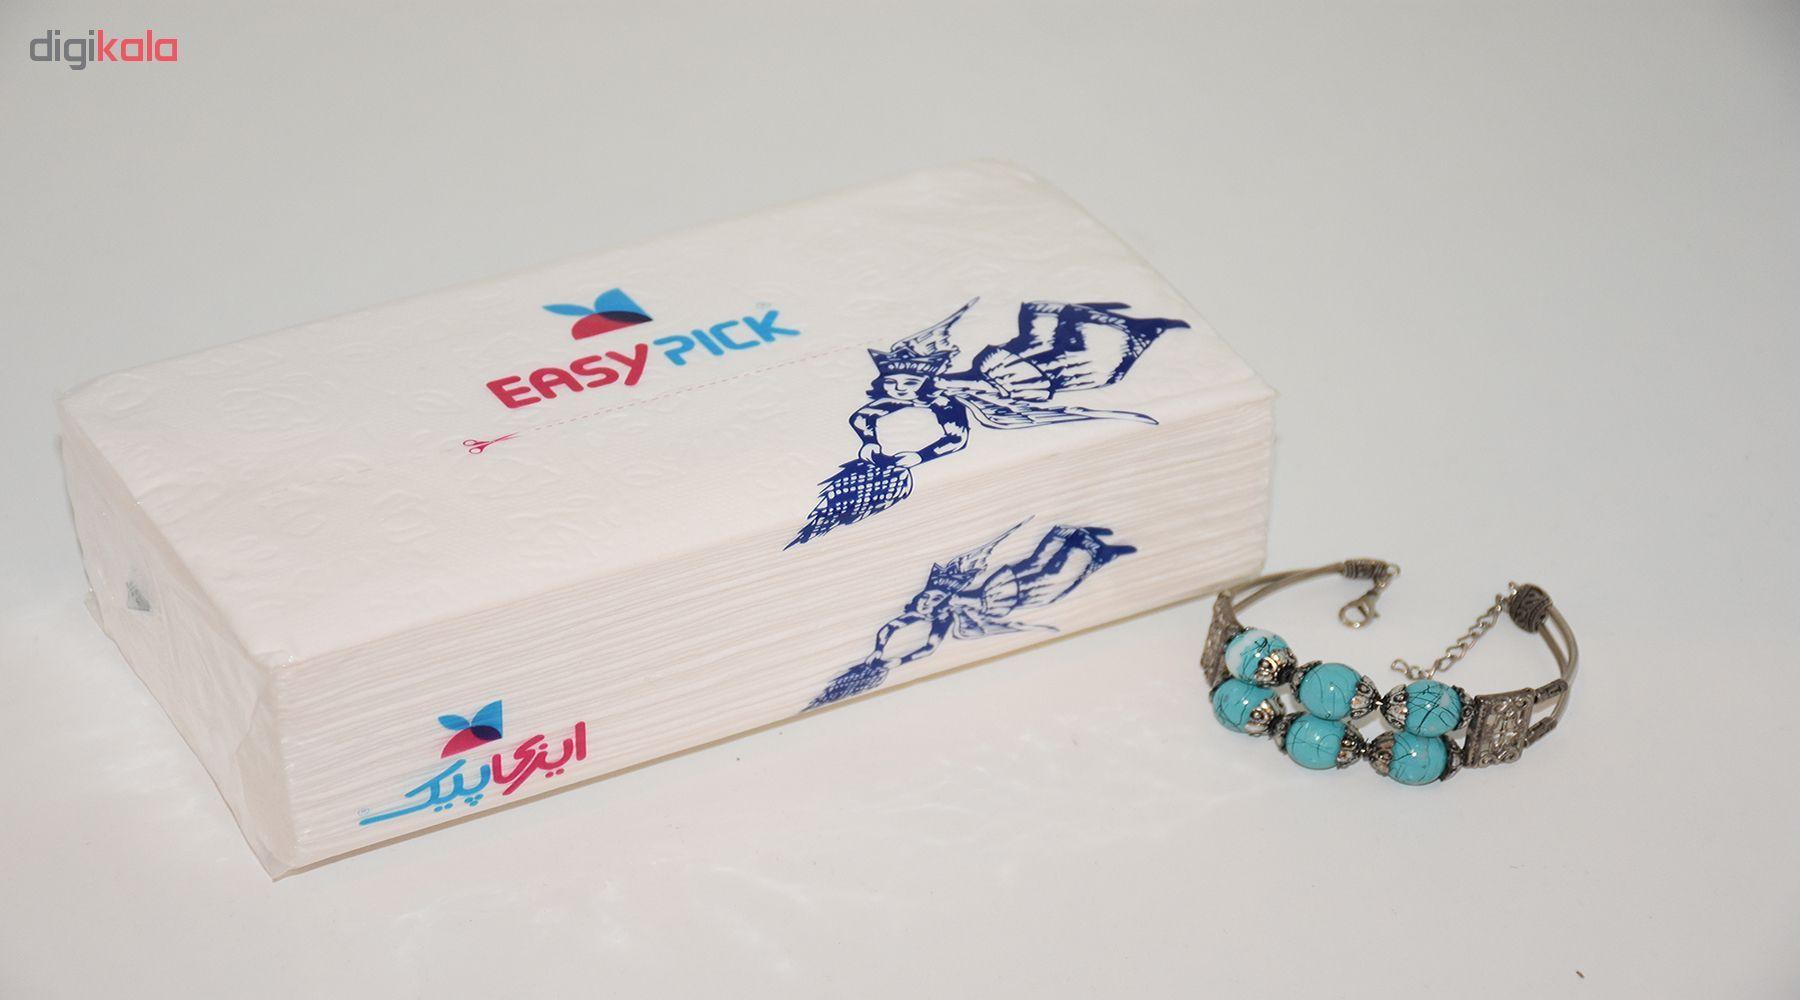 دستمال کاغذی 200 برگ ایزی پیک بسته 10 عددی main 1 4